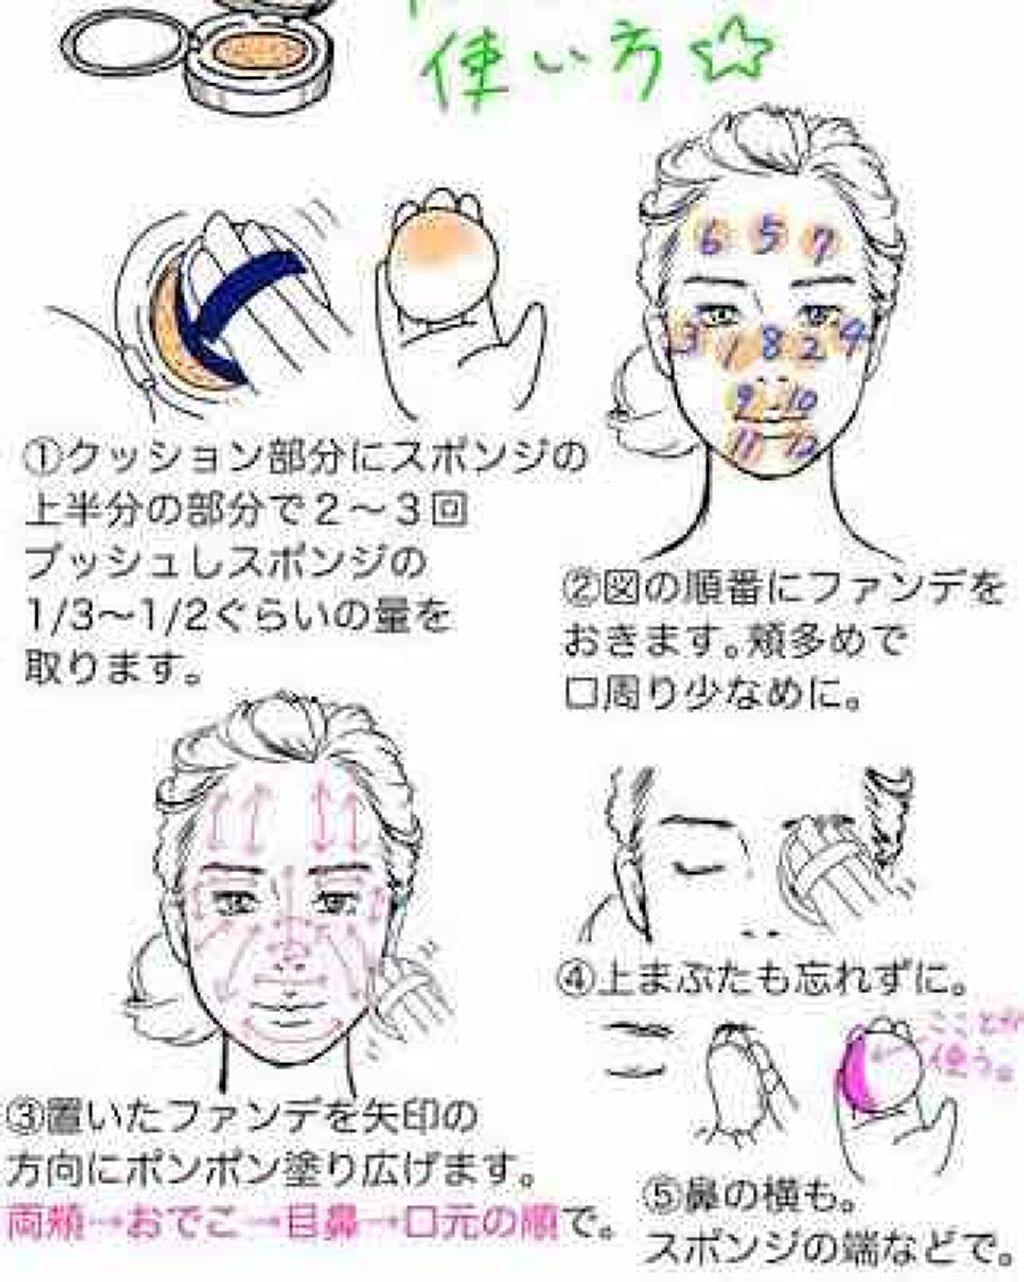 「【2020年最新版】韓国クッションファンデーション徹底比較!ツヤ肌を叶えるおすすめ12選」の画像(#141920)